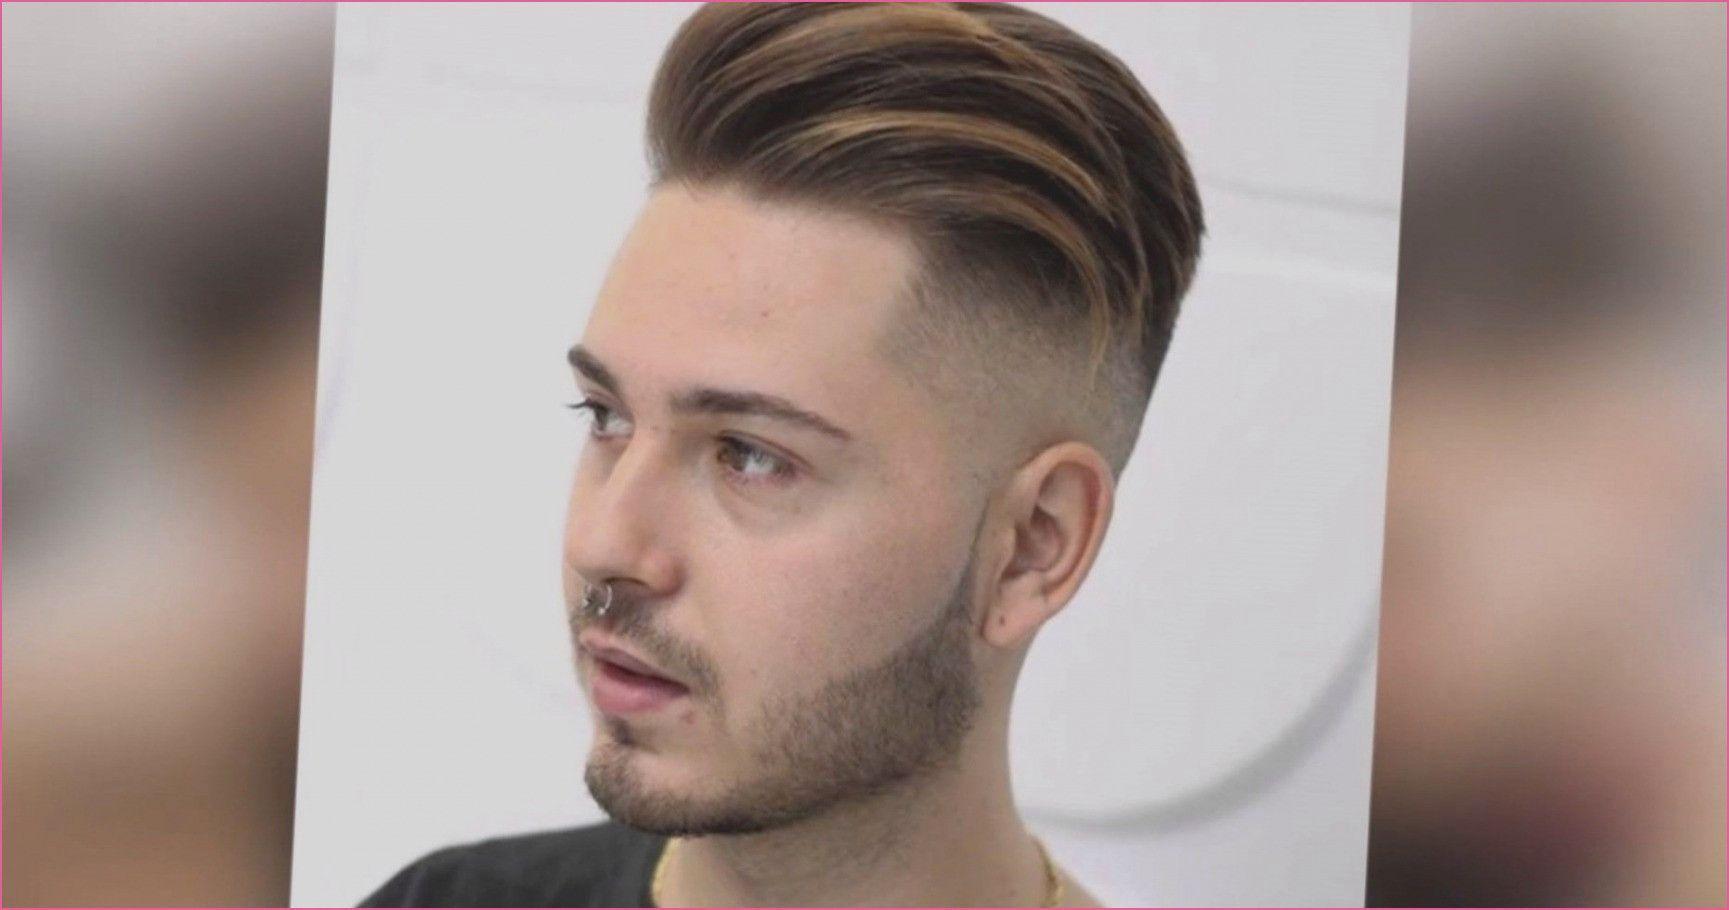 Frisuren Männer Rundes Gesicht, #frisuren #Gesicht